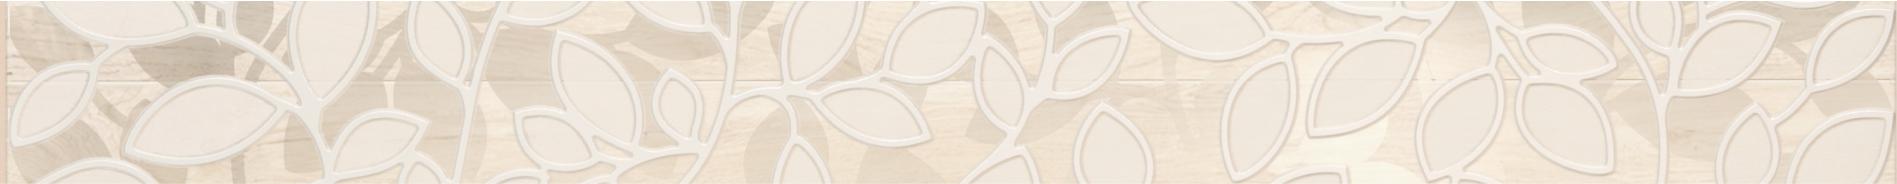 Купить Керамическая плитка AltaСera Felicity Sand BW0FLT01 Бордюр 60х5, 8, Россия